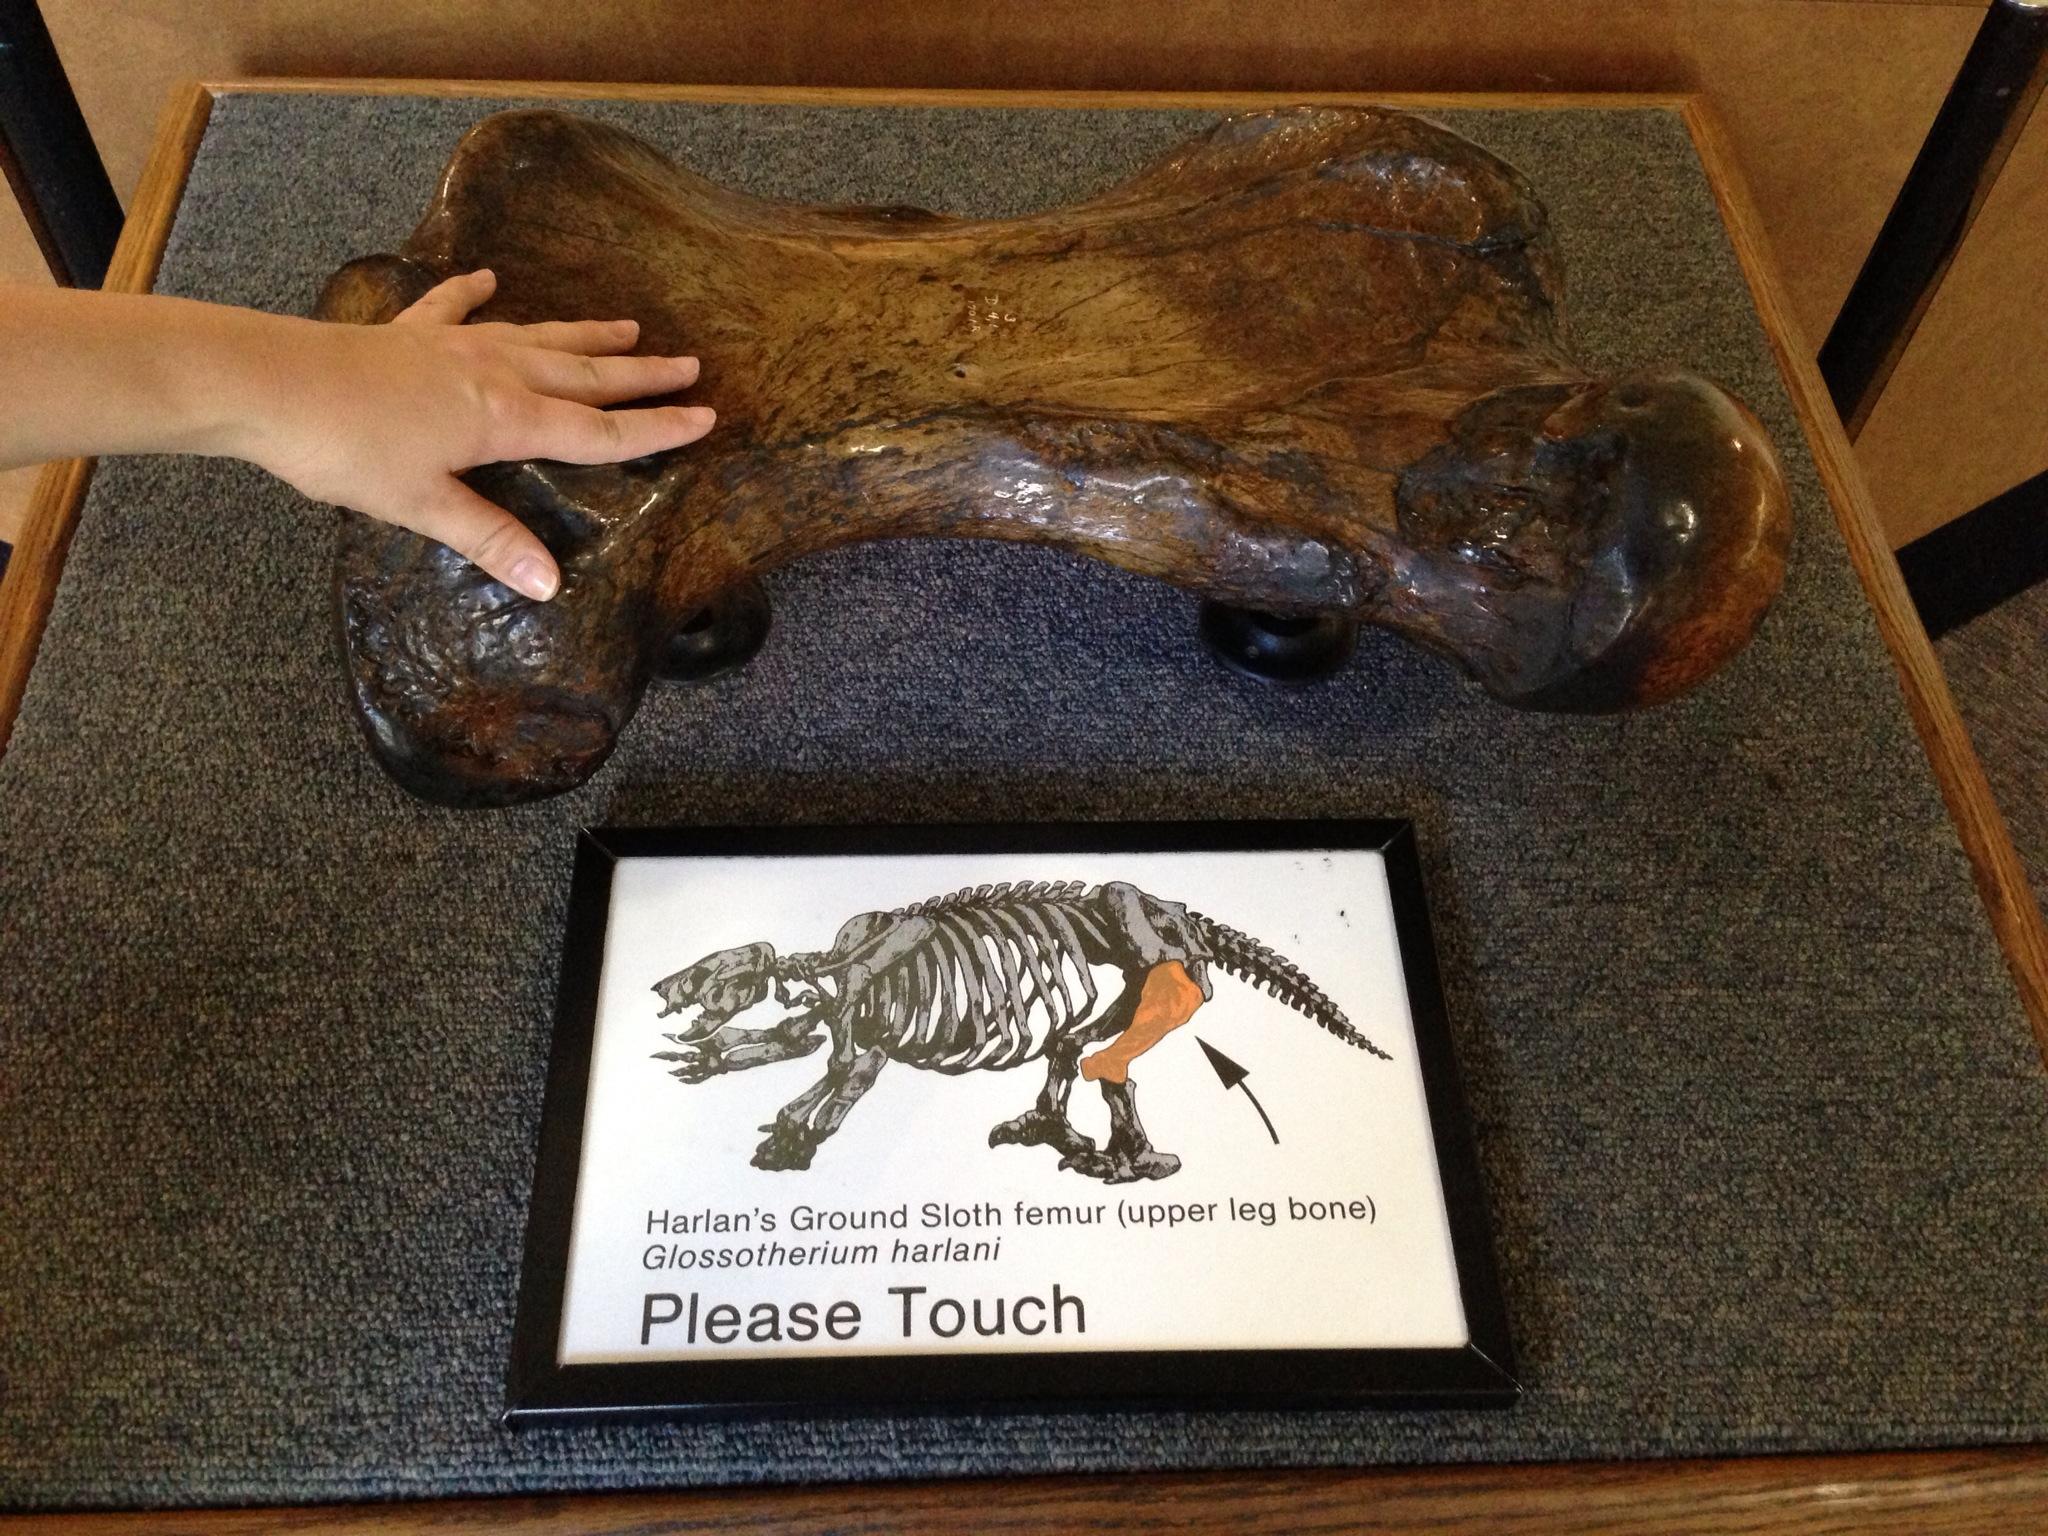 Sloth femur bone.